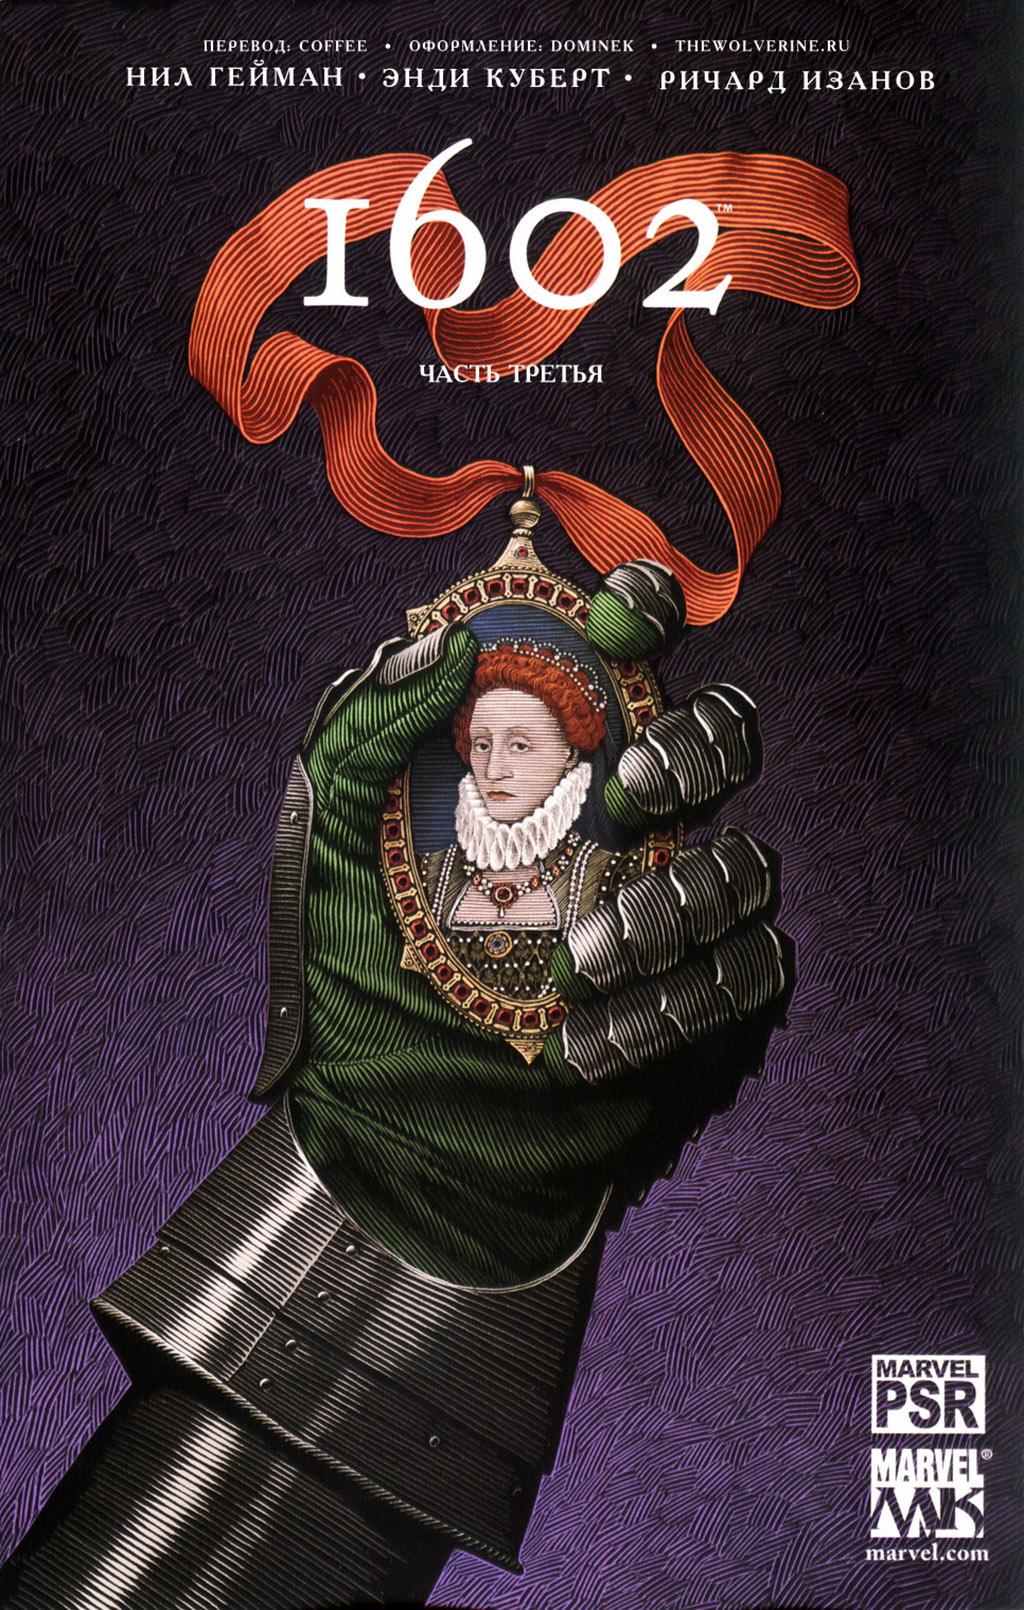 Комикс 1602 Марвел